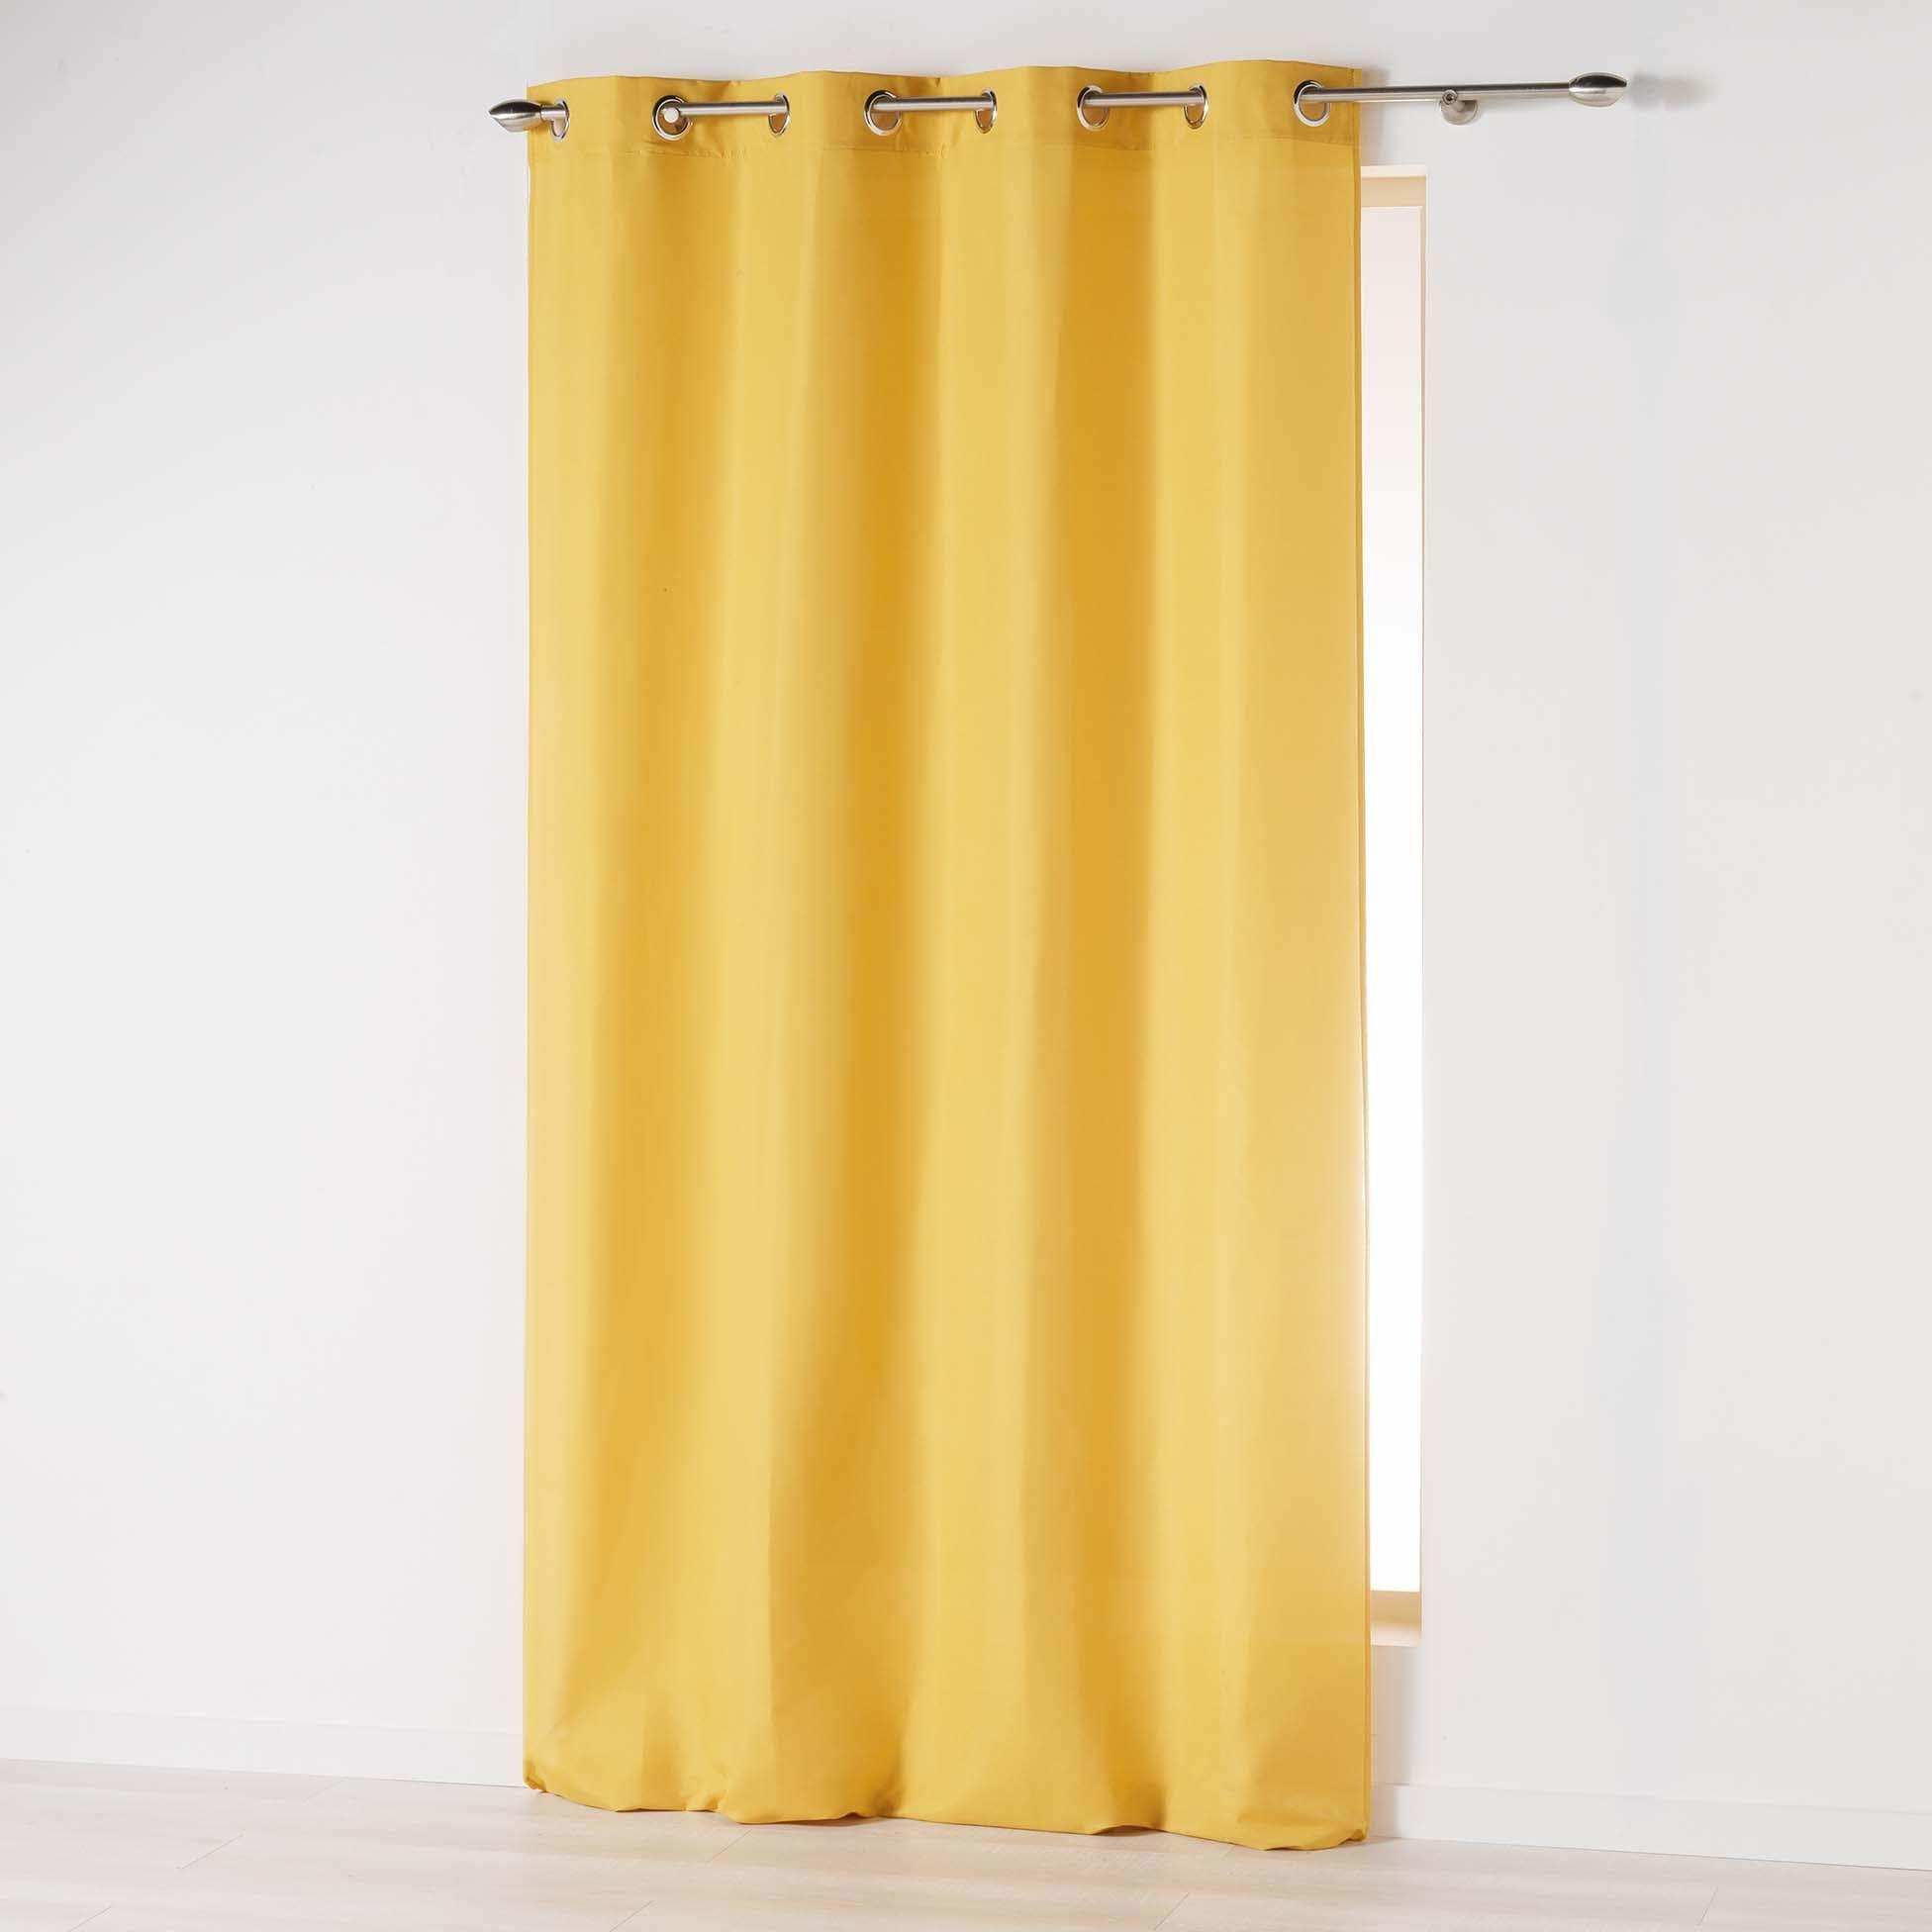 Douceur d''Intérieur Absolu zasłona z mikrofibry, jednokolorowa, poliester, musztardowa żółta, 140 x 260 cm